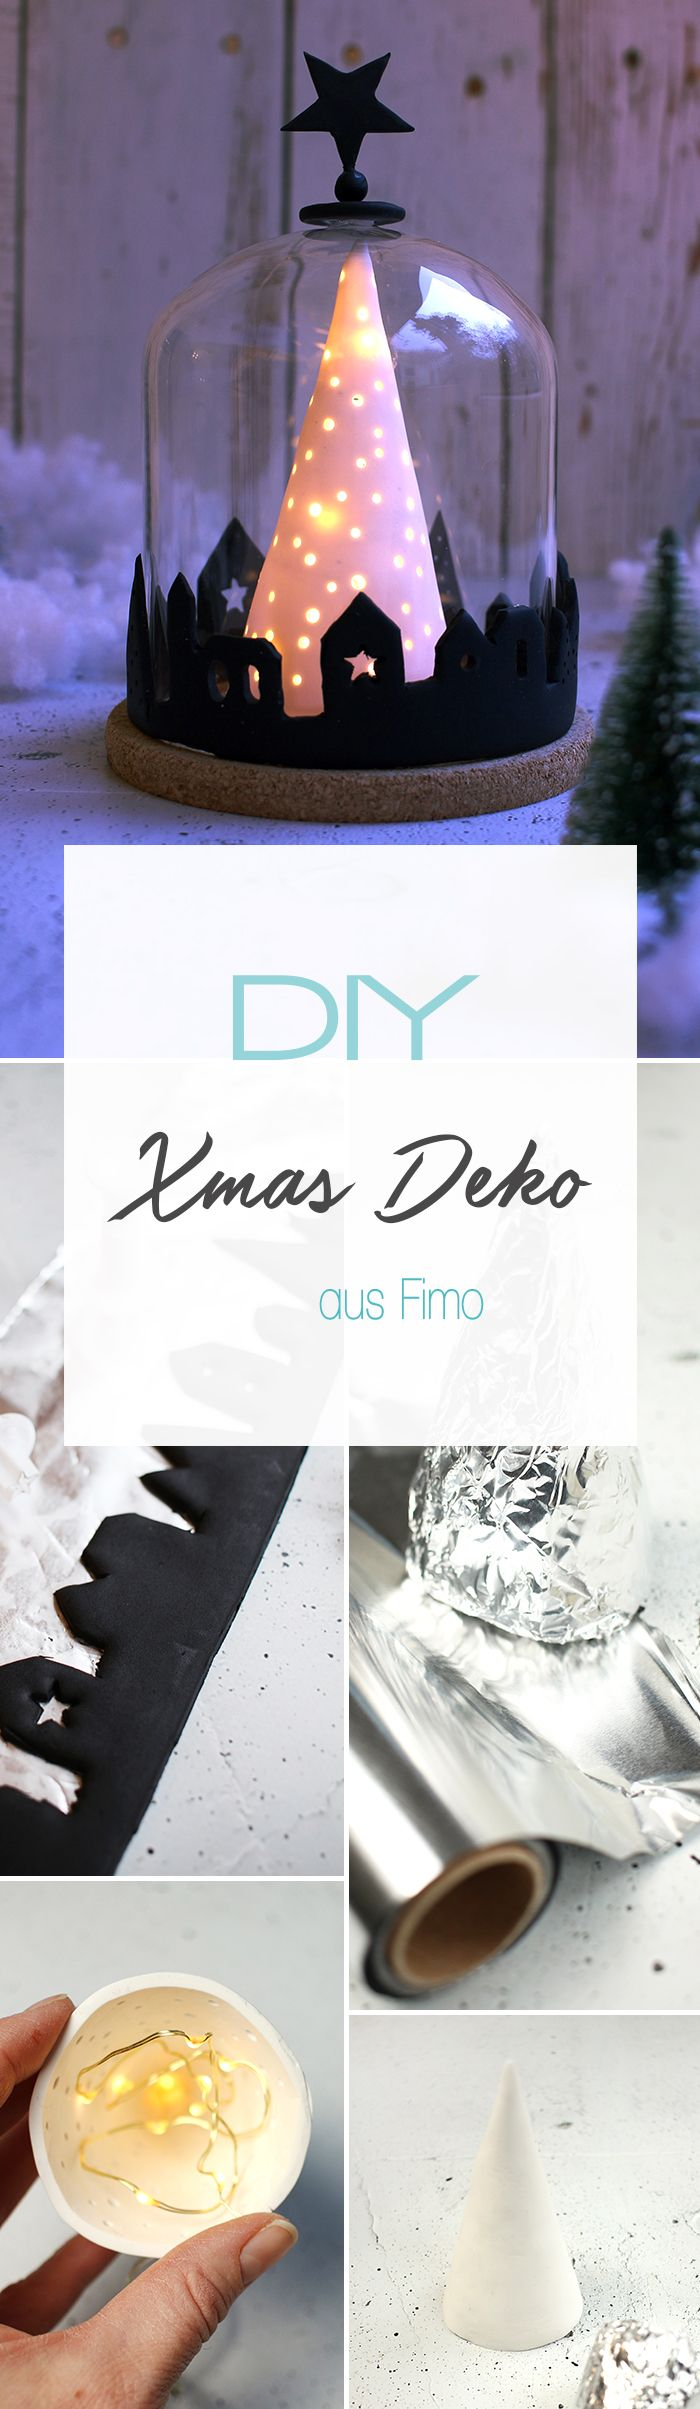 Dani von DIY Blog Gingered Things zeigt dir wie du aus Fimo und einer Glasglocke eine weihnachtliche Deko mit Beleuchtung selbst basteln kannst.